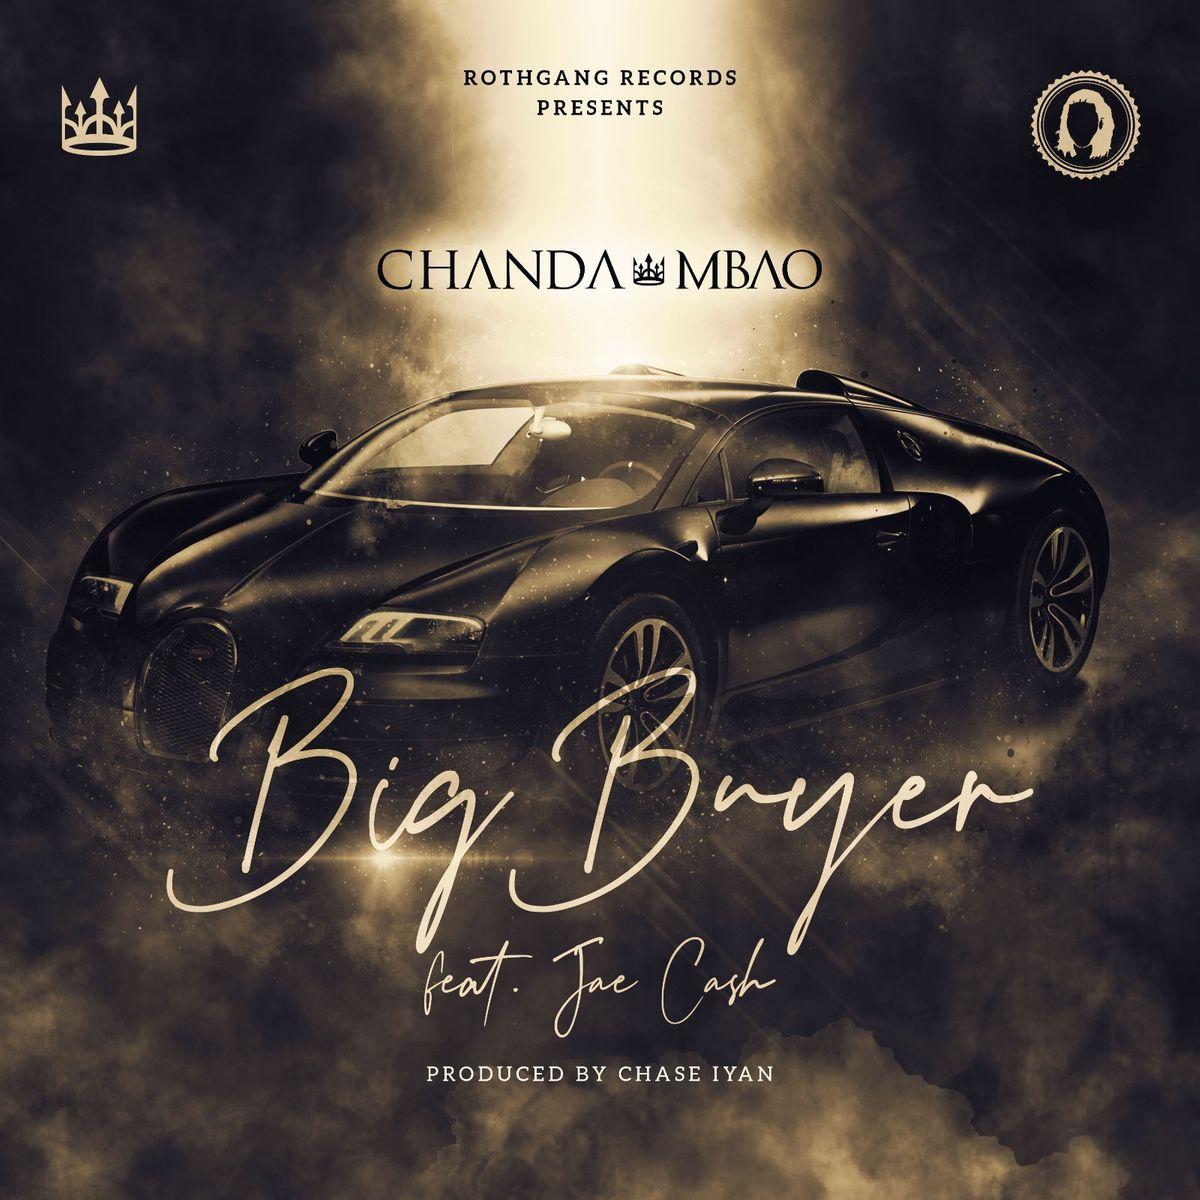 Chanda Mbao ft. Jae Cash - Big Buyer (Prod. Chase Iyan)